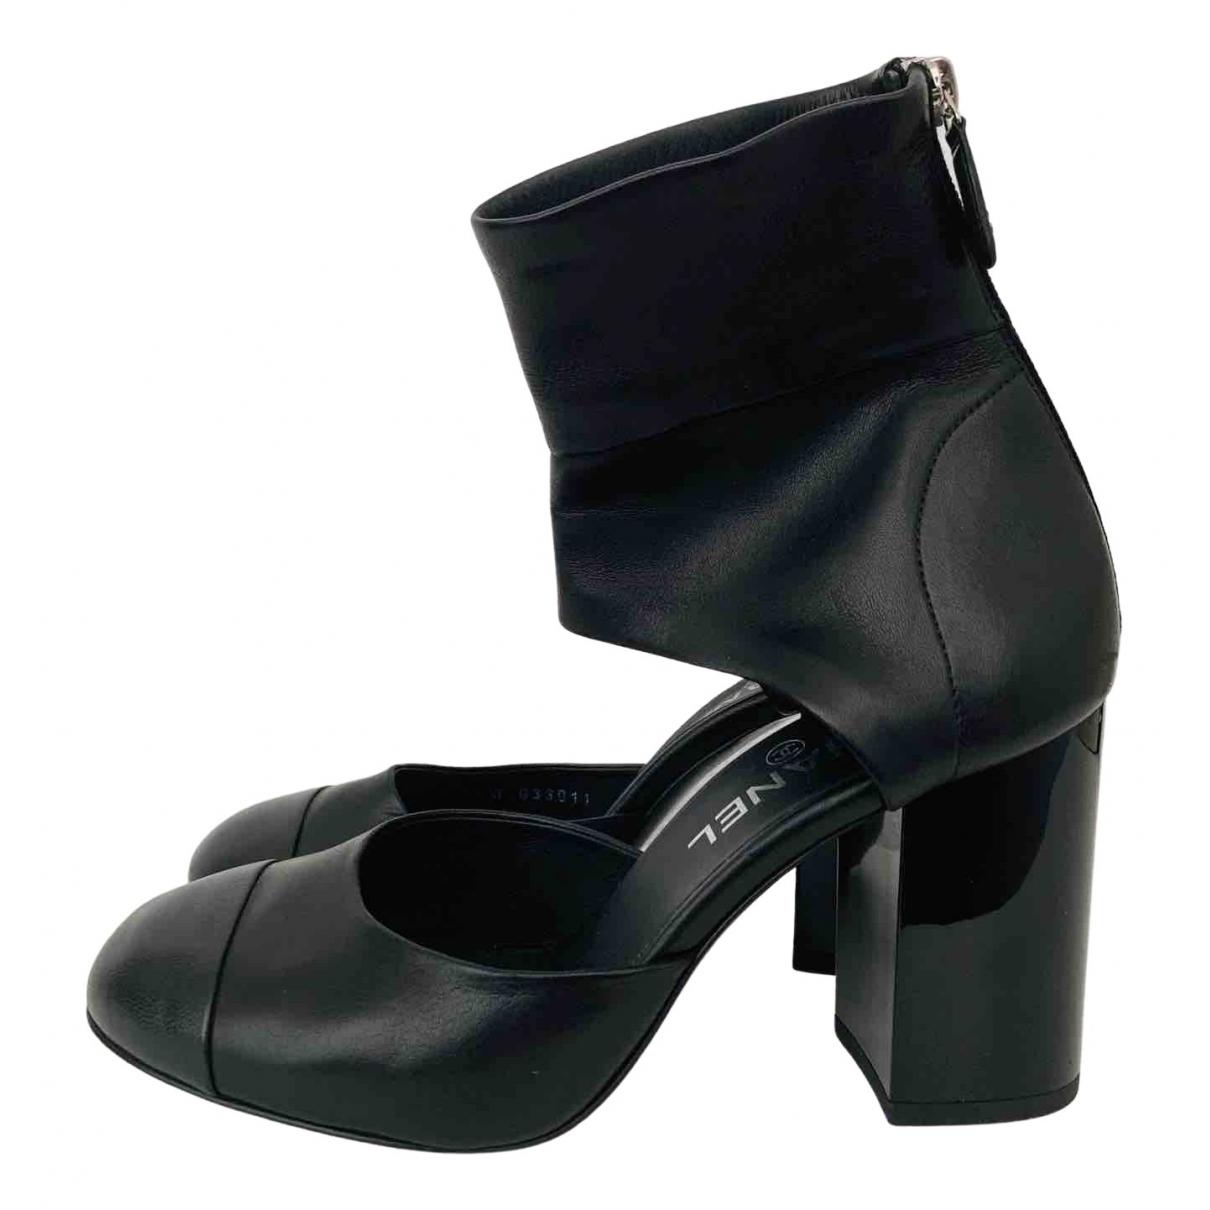 Chanel \N Black Leather Heels for Women 38.5 EU